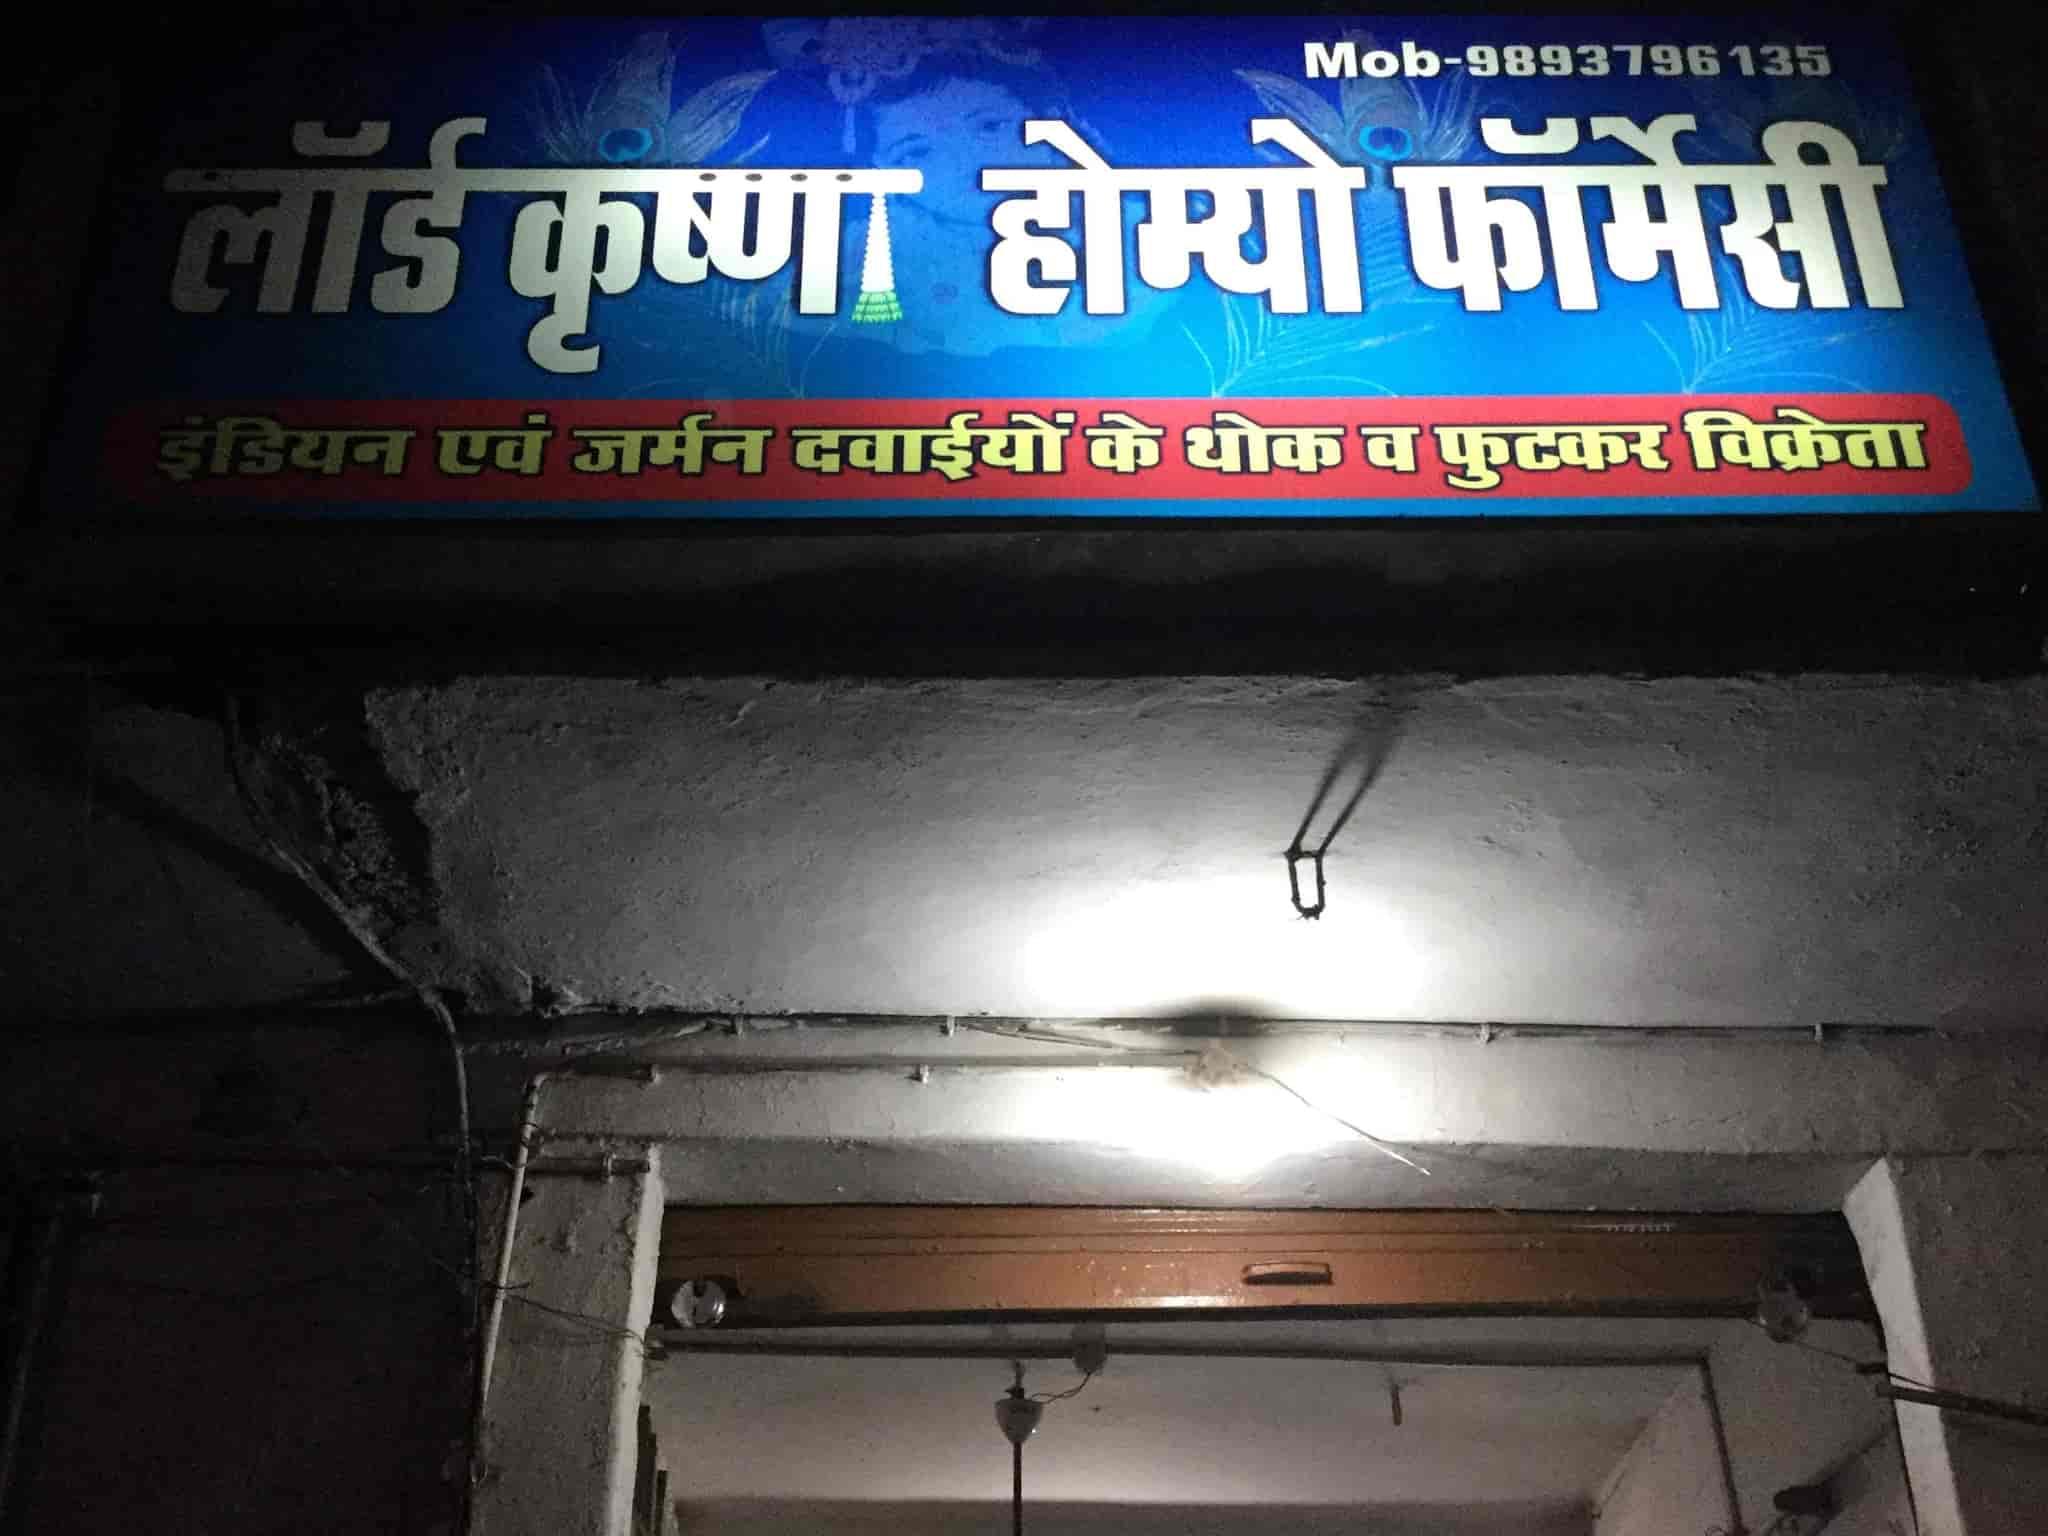 Lord Krishna Homeo Pharmacy & Clinic, Damoh Naka